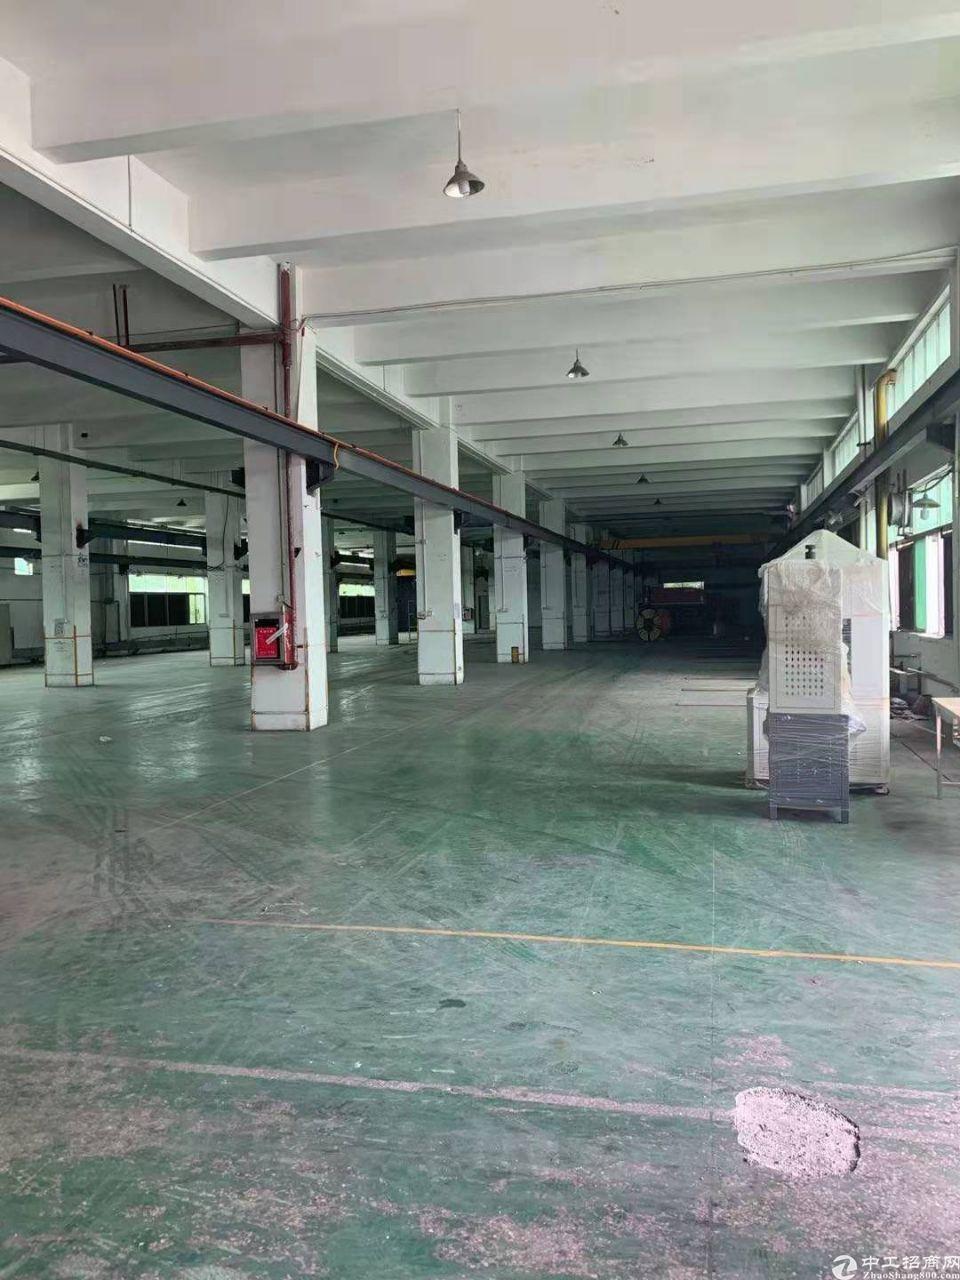 大鹏新区新出一楼6000平米仓库厂房出租